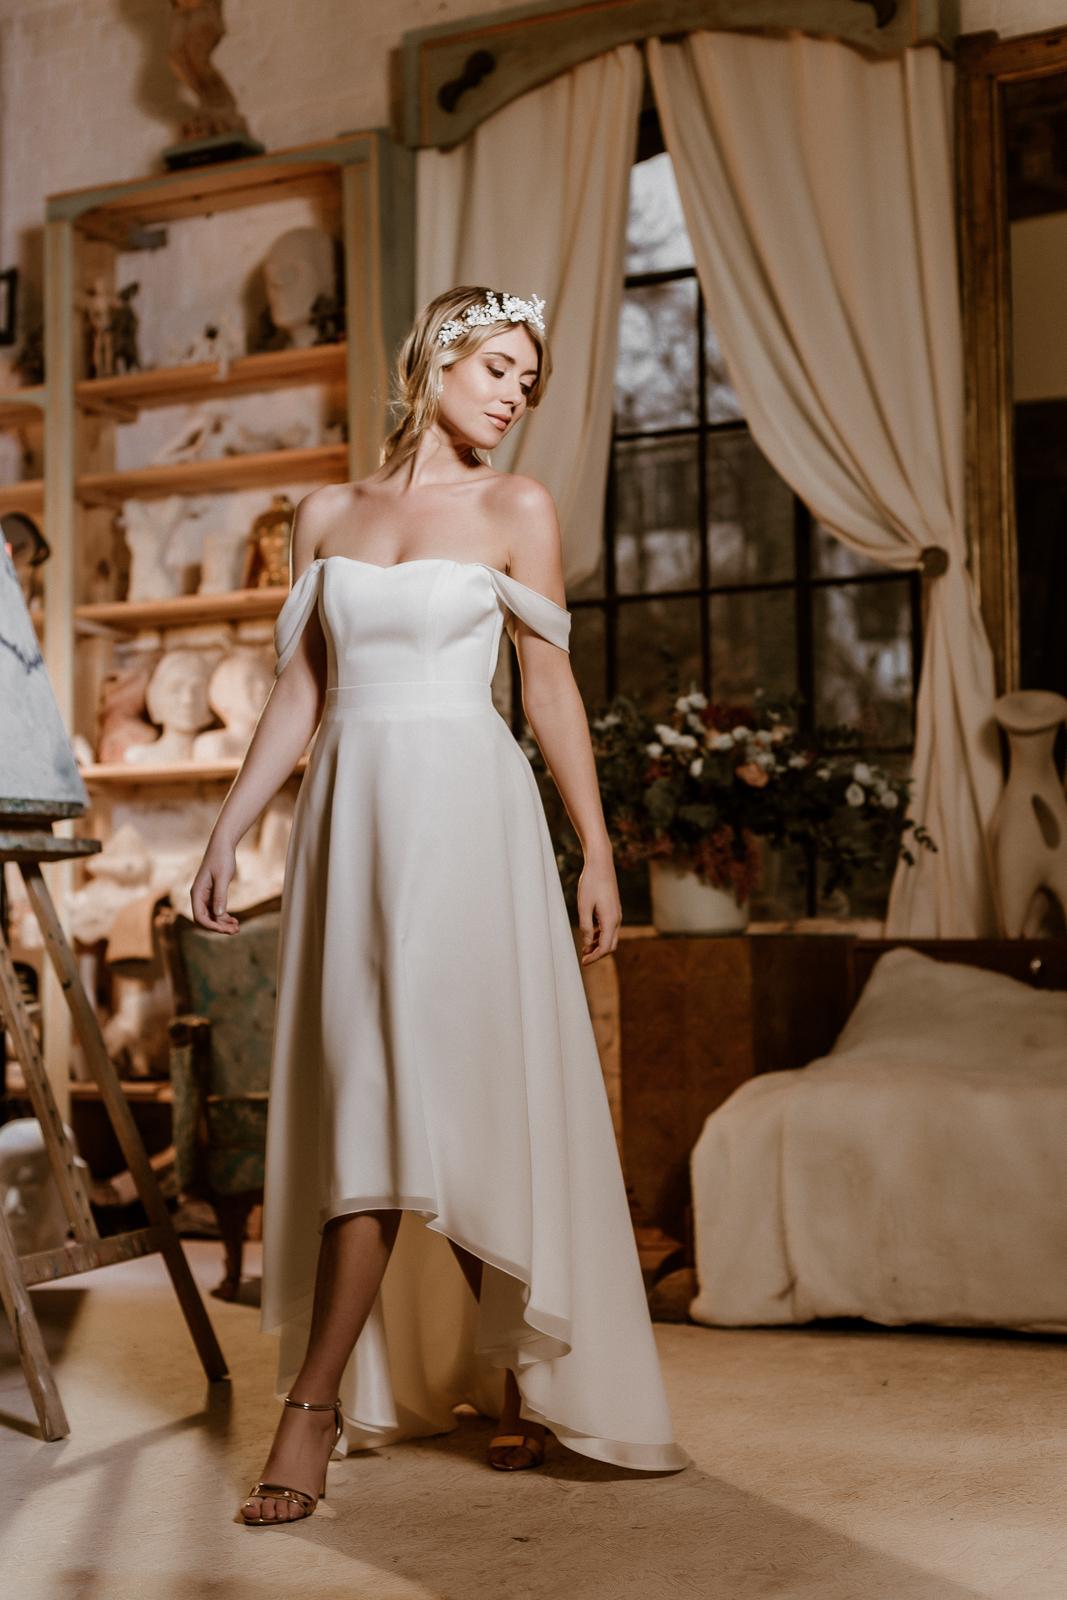 Schulterloses Vokuhila-Brautkleid mit Corsage und Brautrock im Layering Look, Frontalansicht, Ganzkörperbild